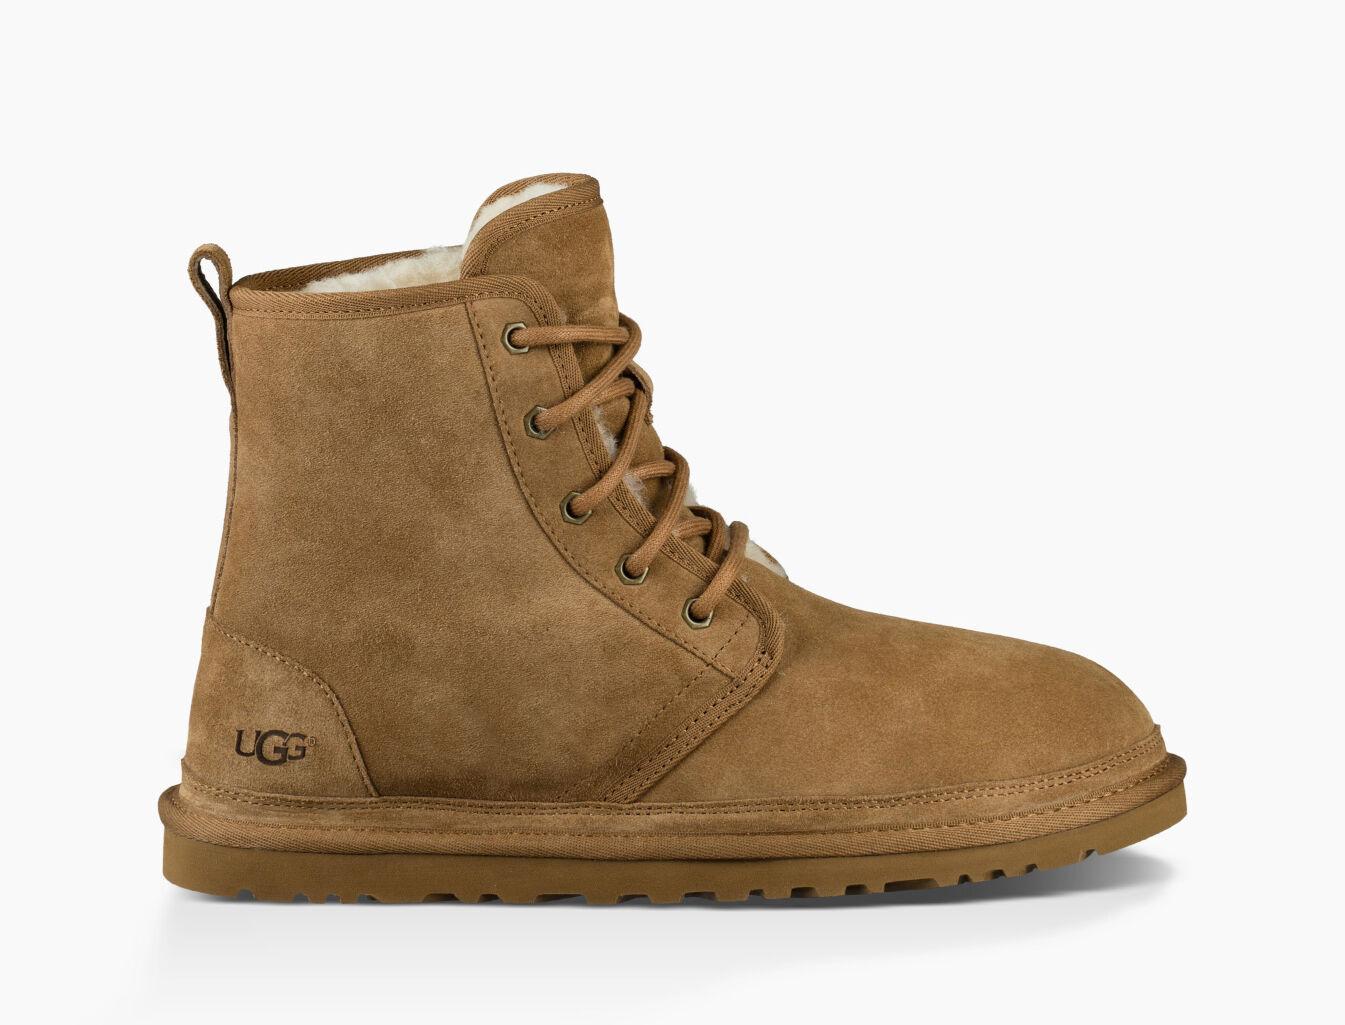 ugg boots for men uk